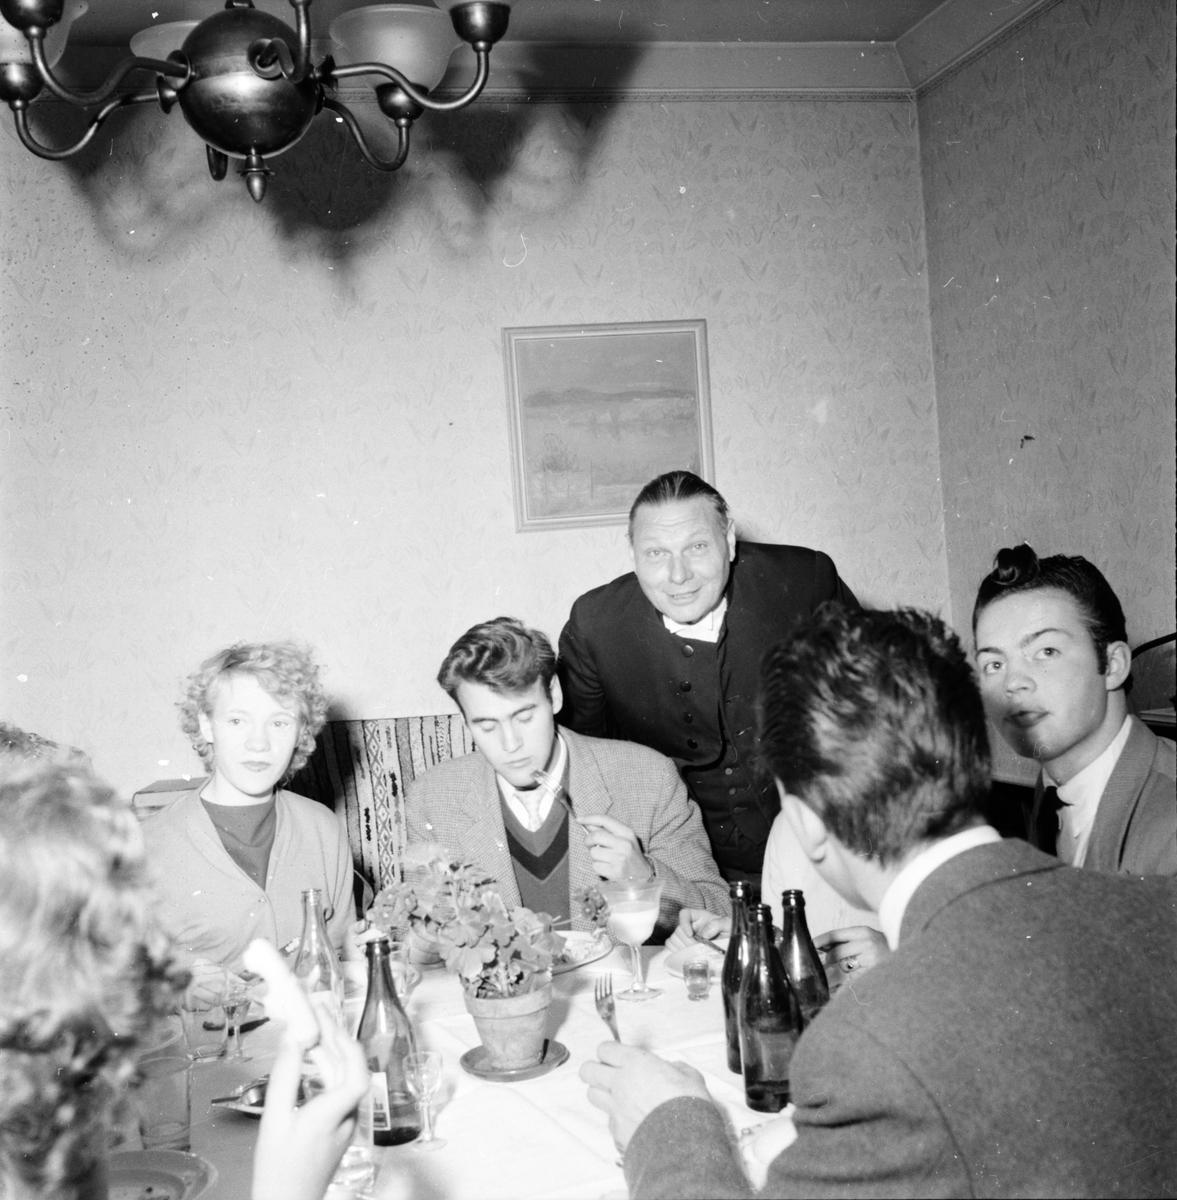 Gruvberget, Nalenbesöket, 1955